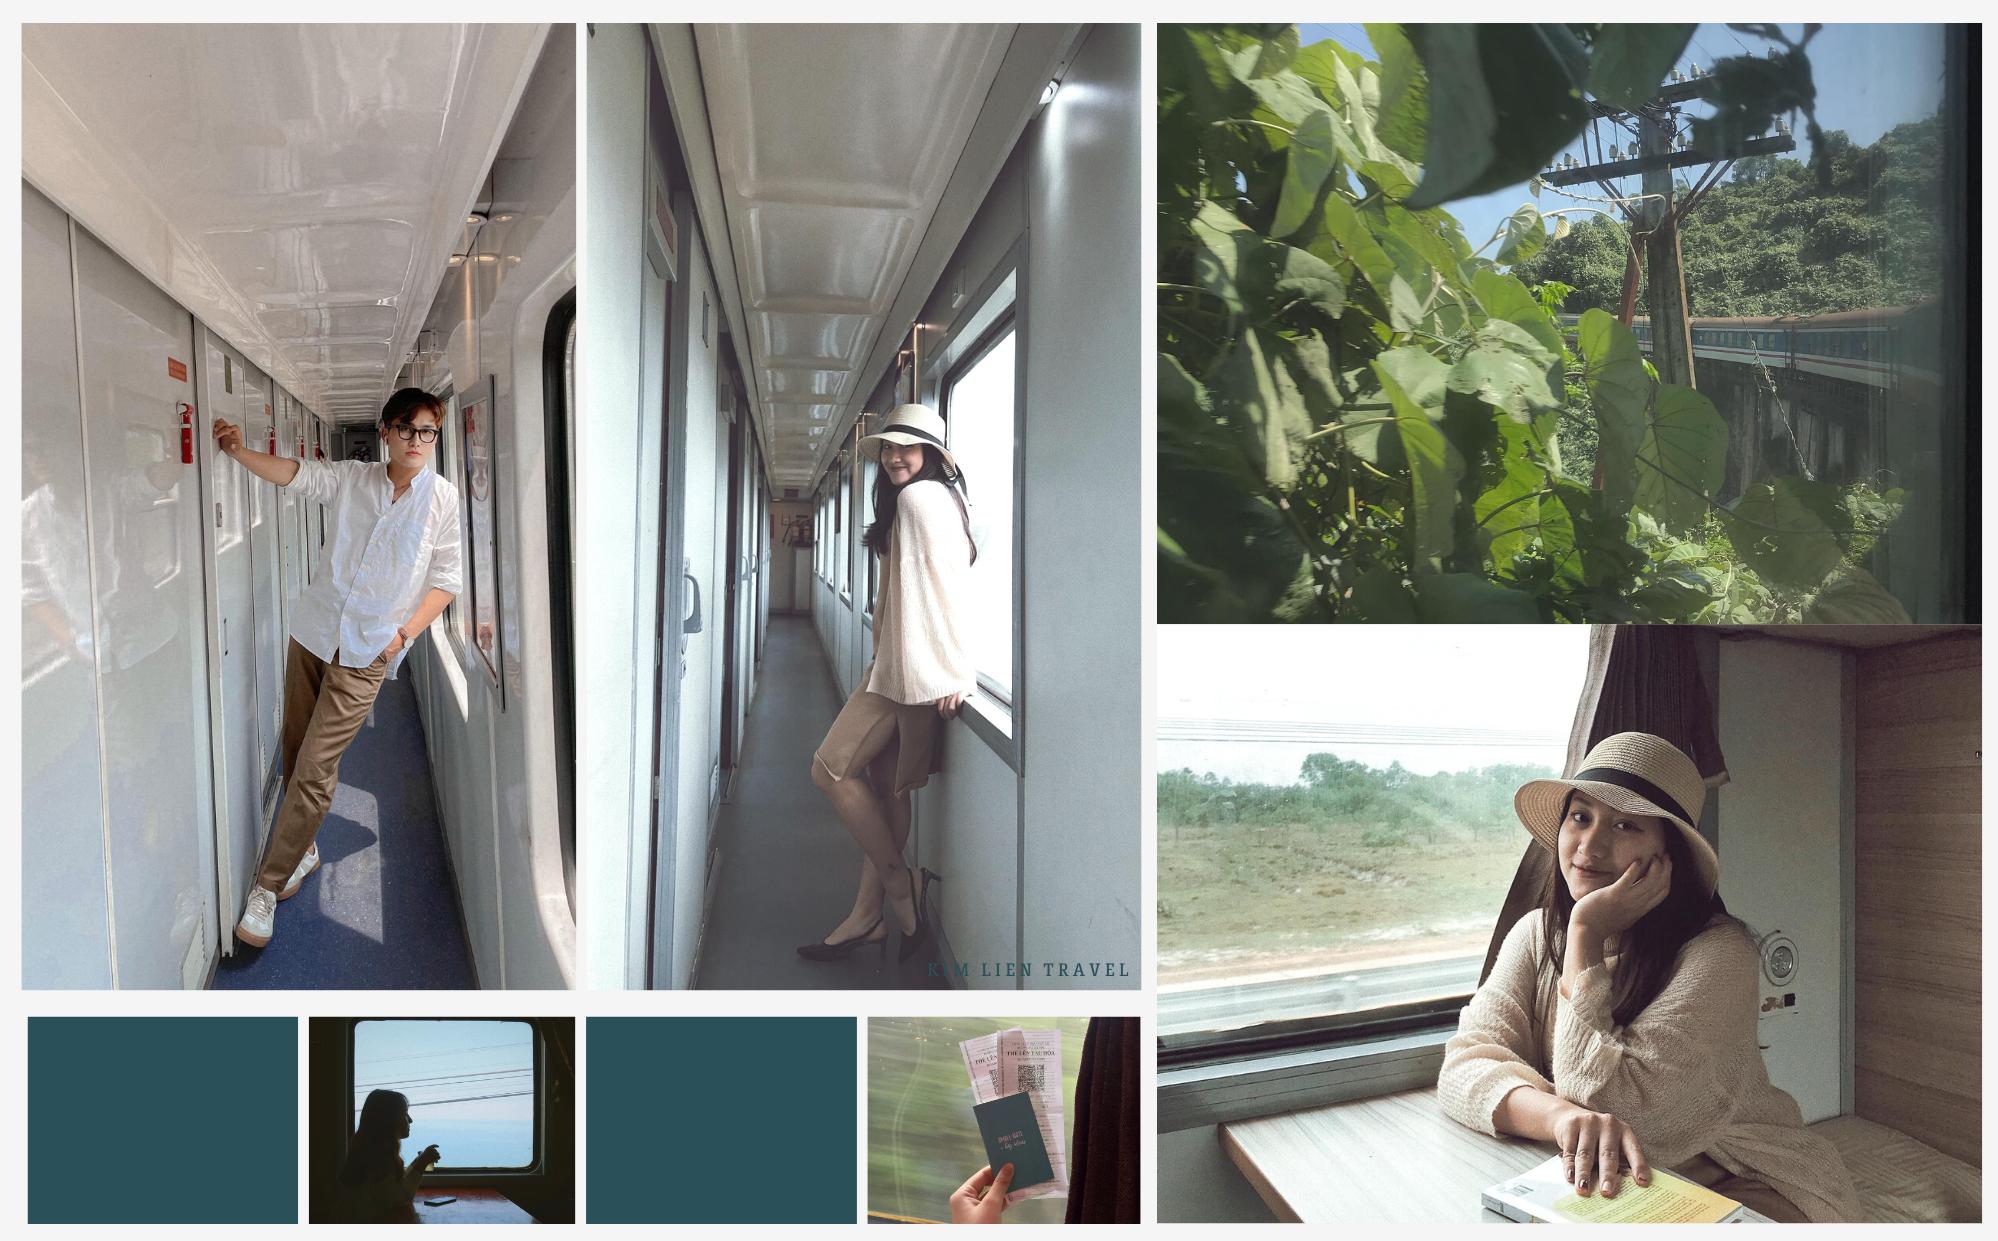 Du lịch Sapa bằng tàu hỏa - Kim Lien Travel